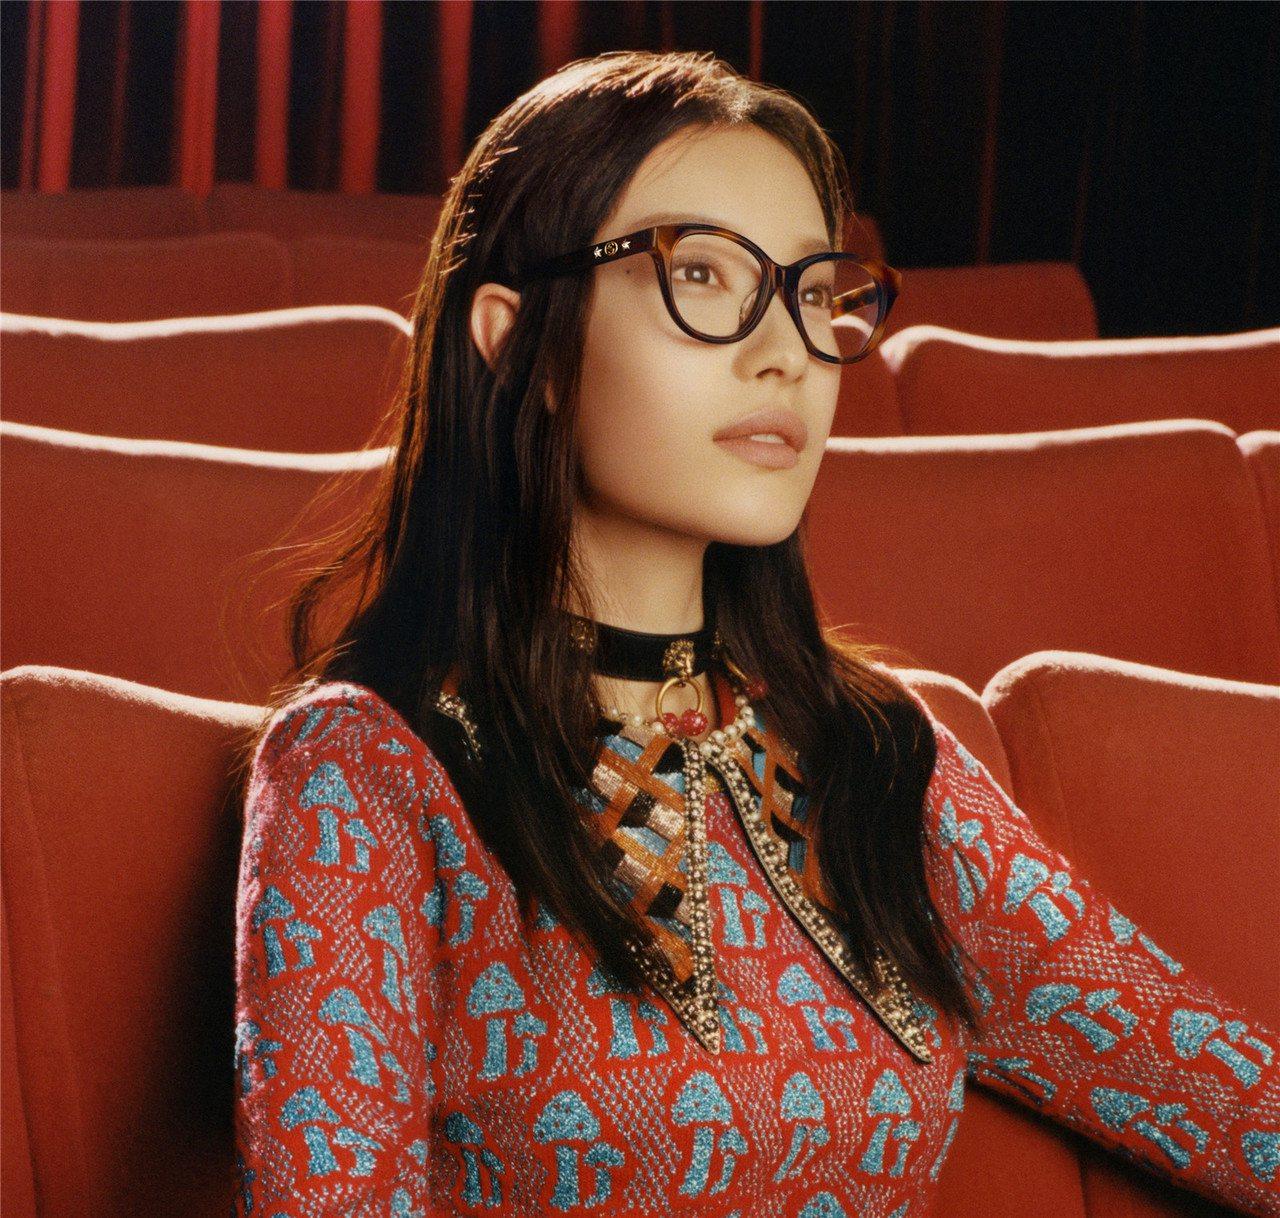 戴上Gucci光學眼鏡的倪妮,充滿復古文青氣質。圖/Gucci提供